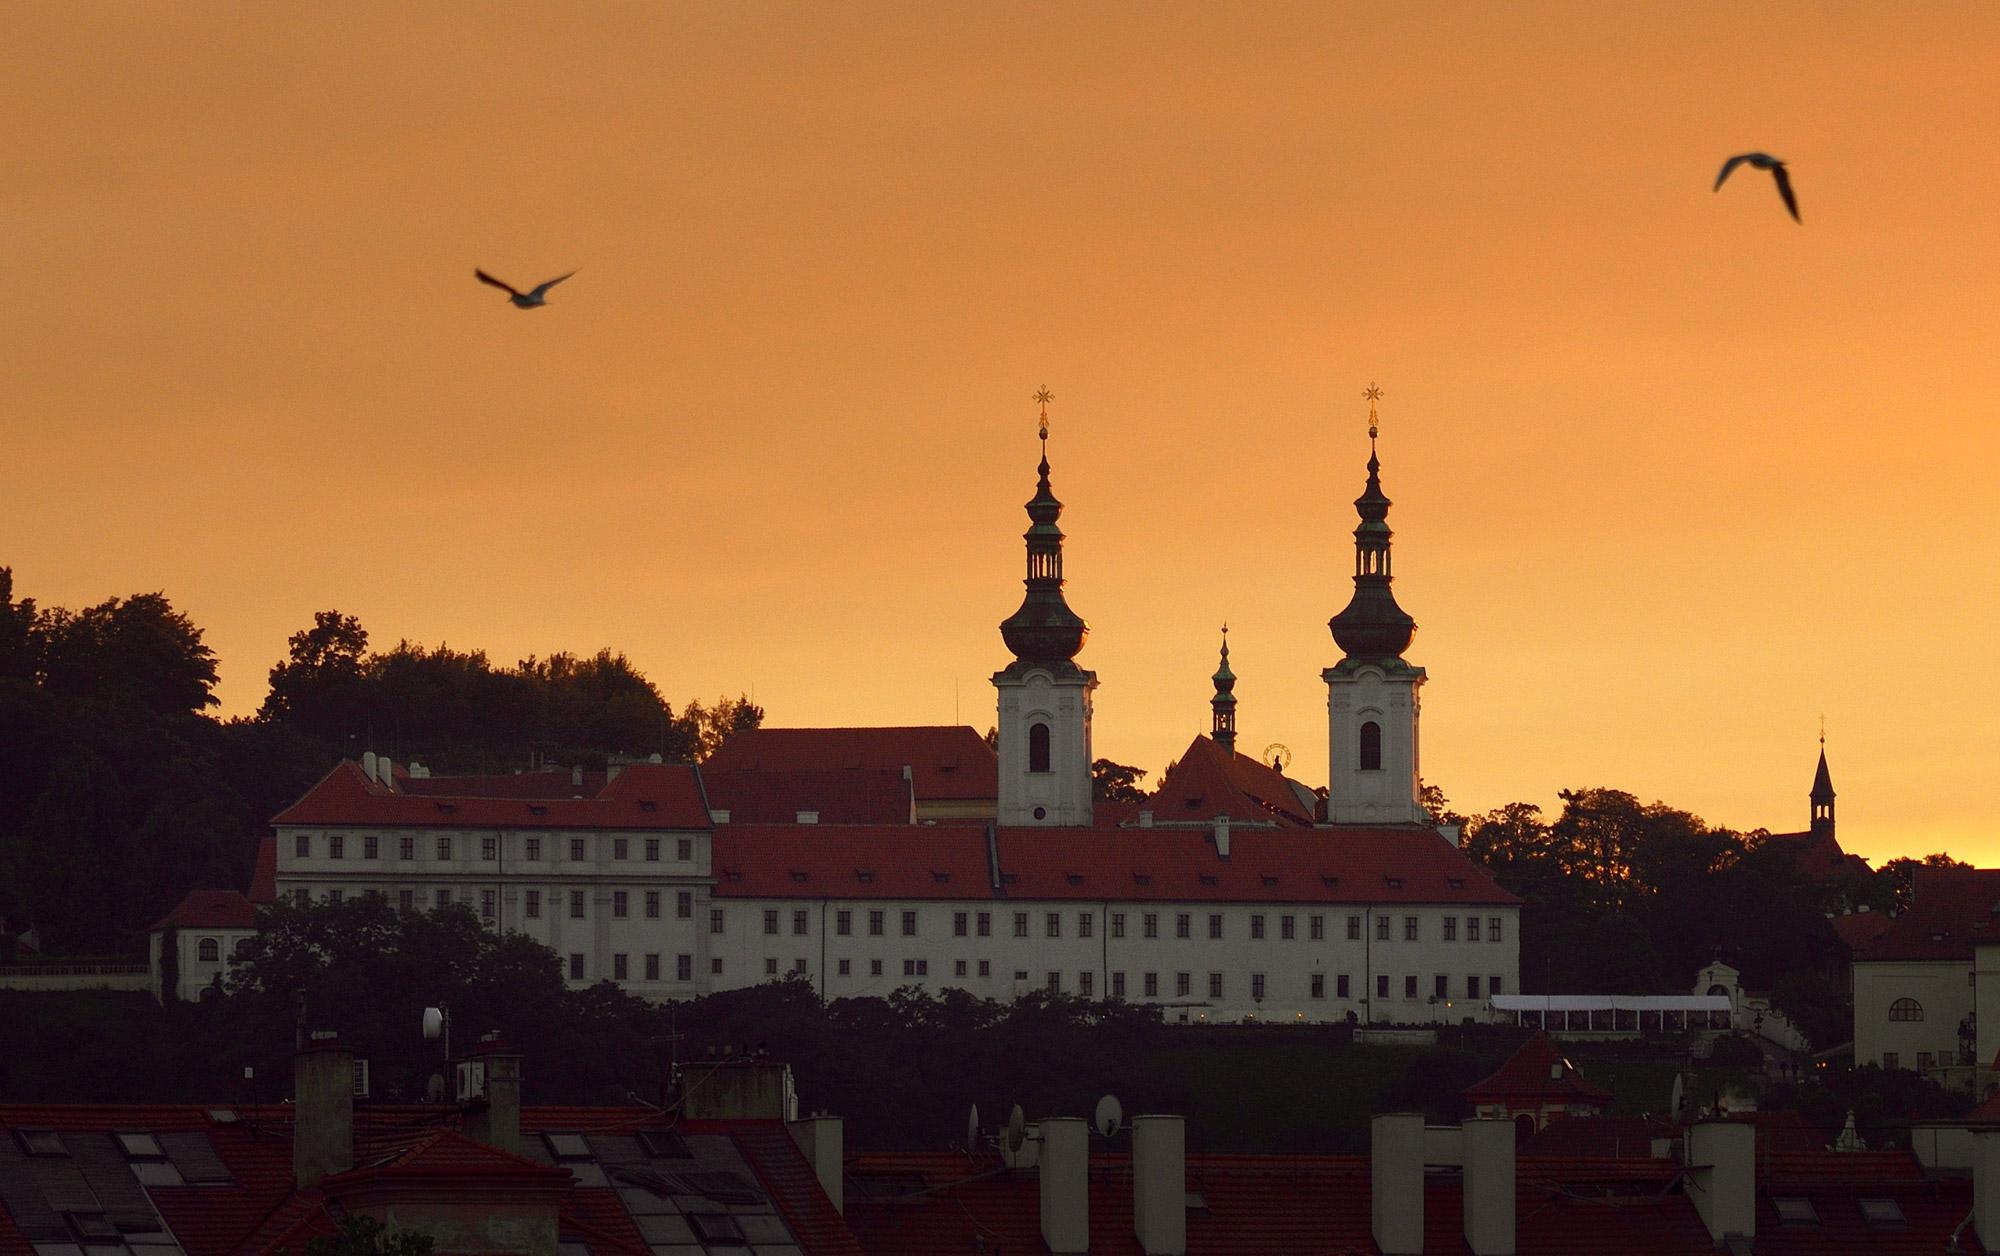 Barokke parels in Tsjechië - Het Strahovklooster in Praag wanneer de avond valt - © Ladislav Renner